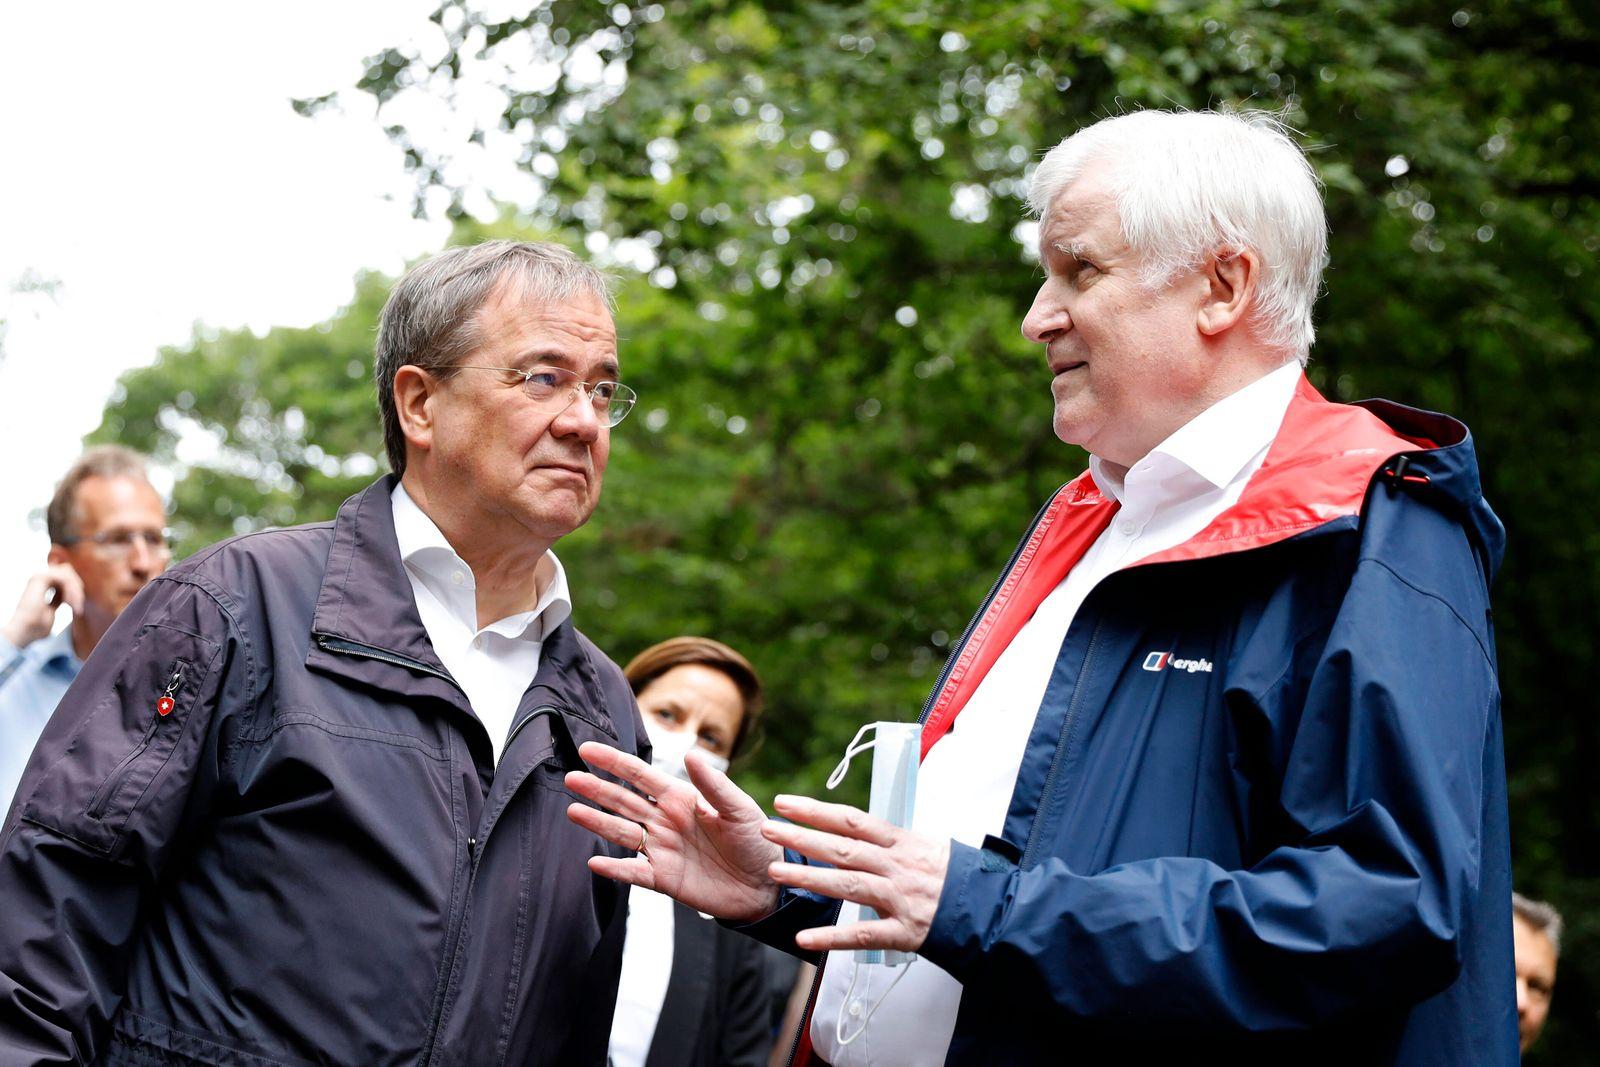 Armin Laschet und Horst Seehofer besuchen die Steinbachtalsperre im Kreis Euskirchen, um sich ein Bild von der angespann